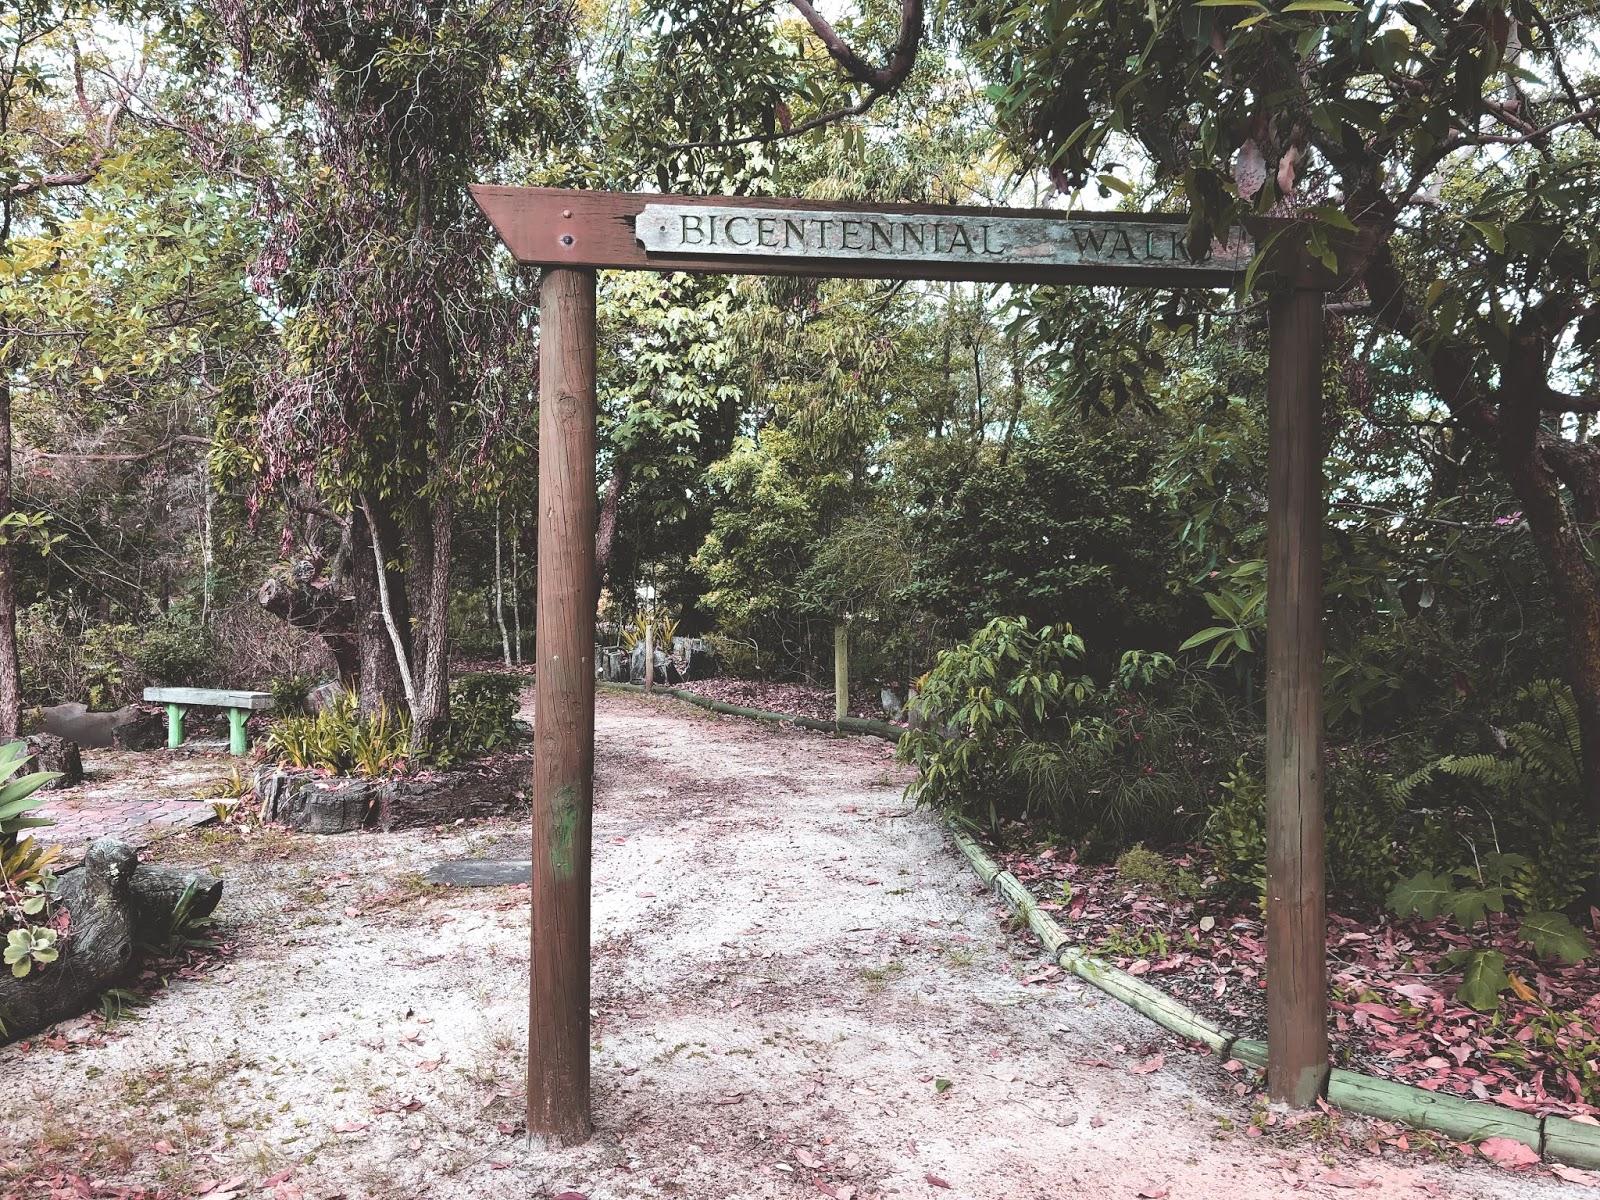 Bicenntenial Walk na Bribie Island, wejście do parku